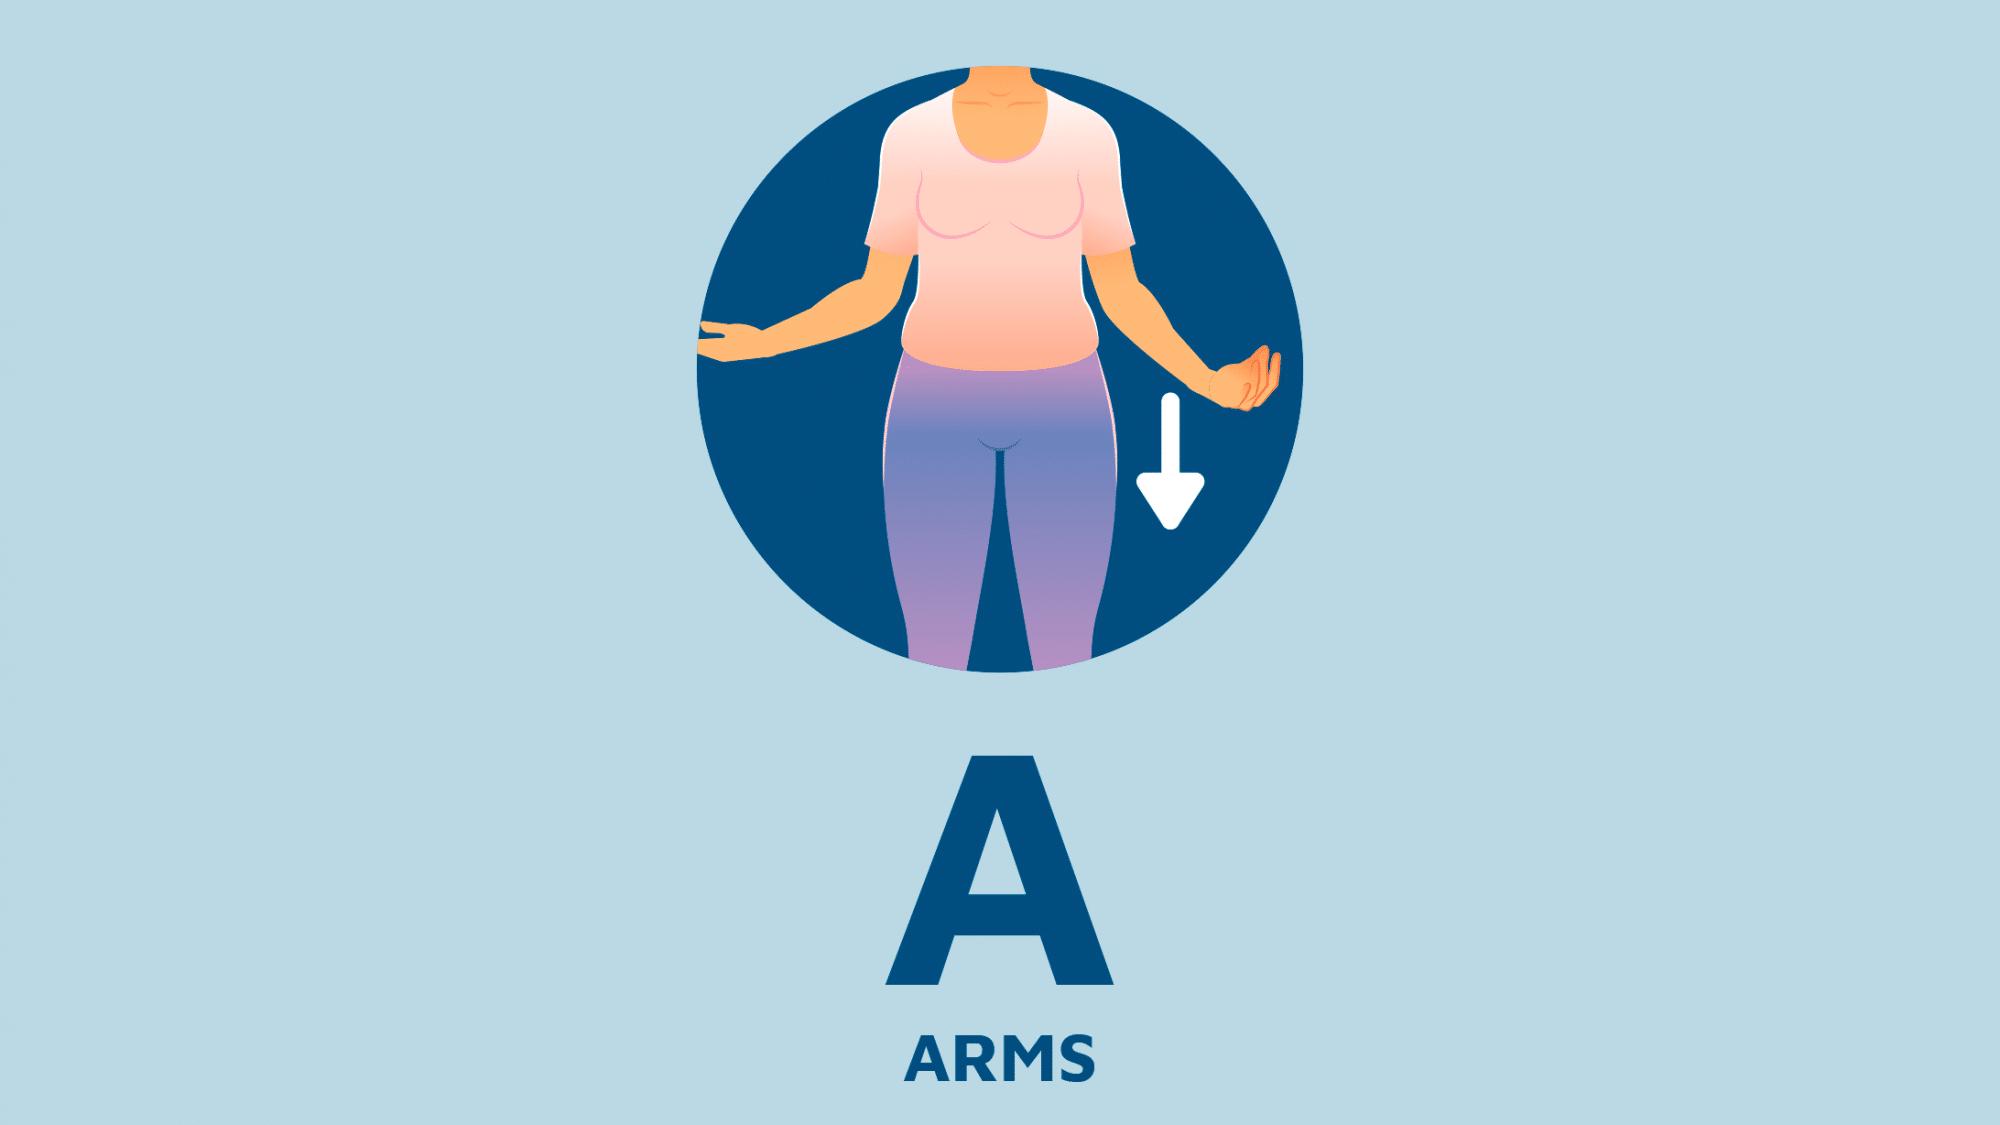 Symptom-Check: Arms